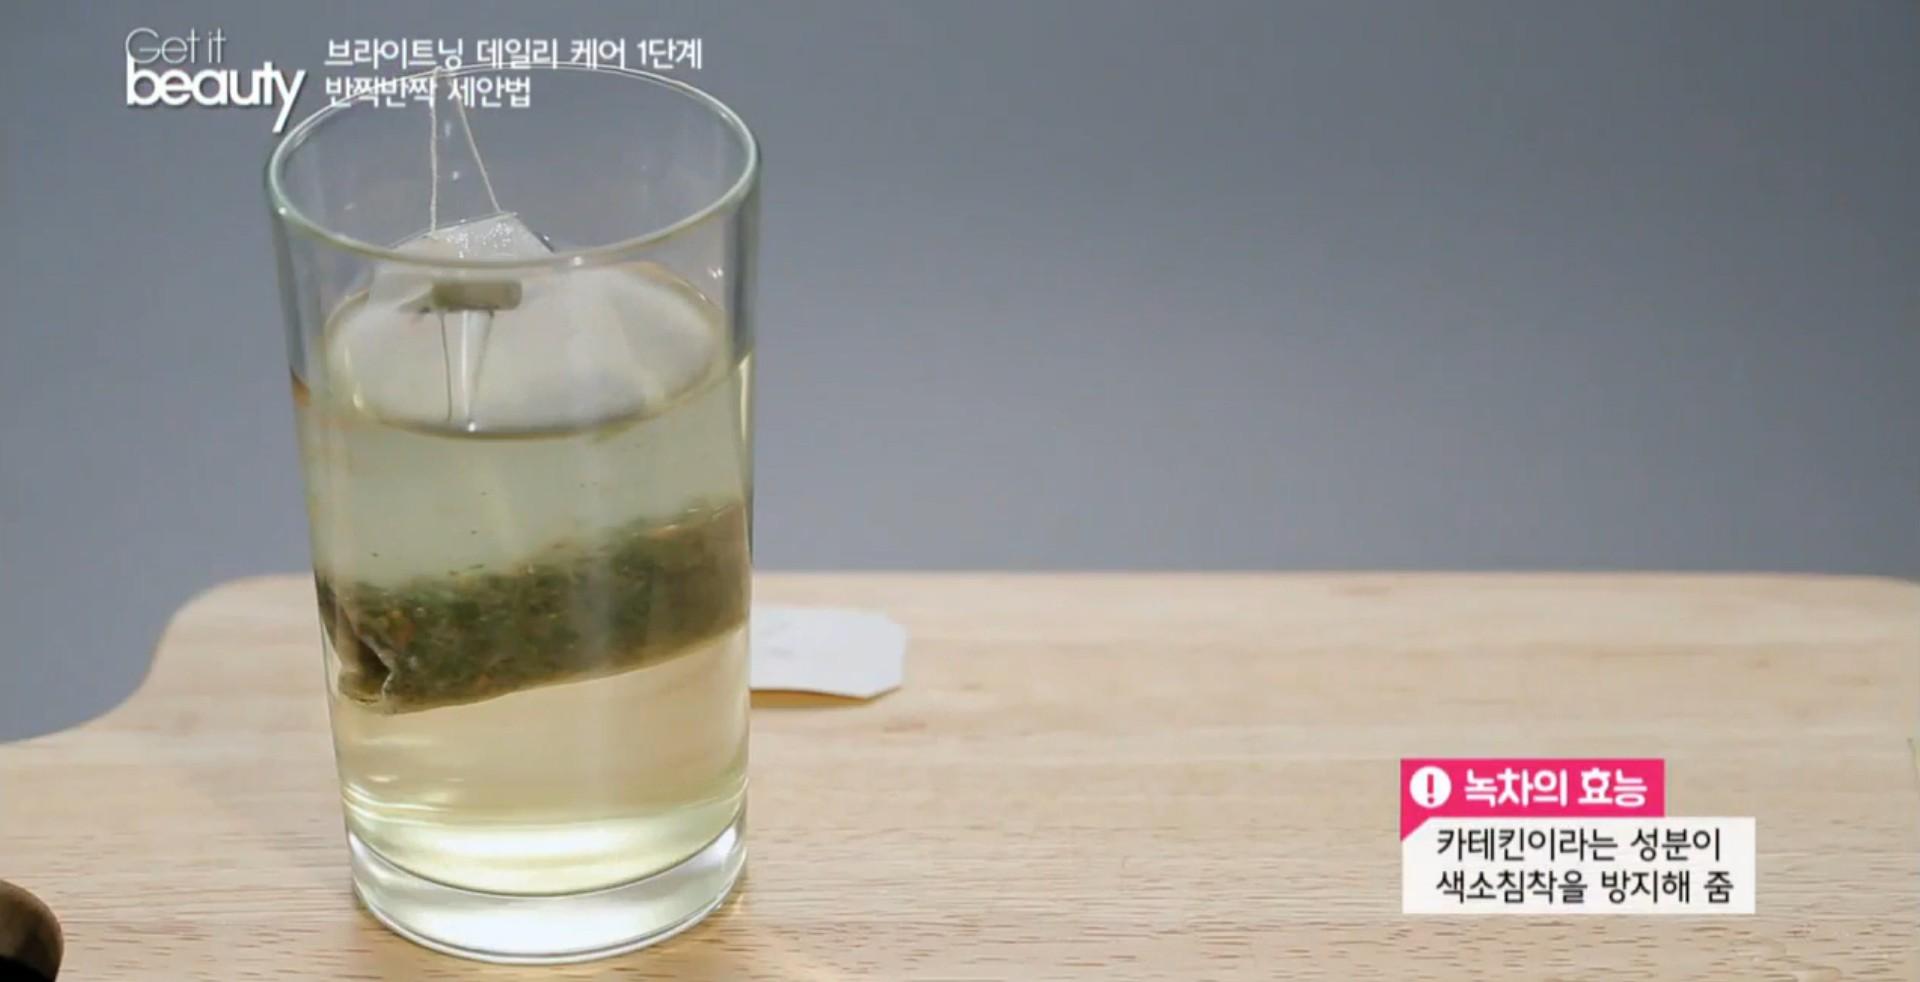 洗完後使用綠茶包泡過的水噴灑在化妝棉上輕拍全臉。因為綠茶水比檸檬多了5倍左右的維他命C,可以幫助美白、保濕、增加彈力喔!